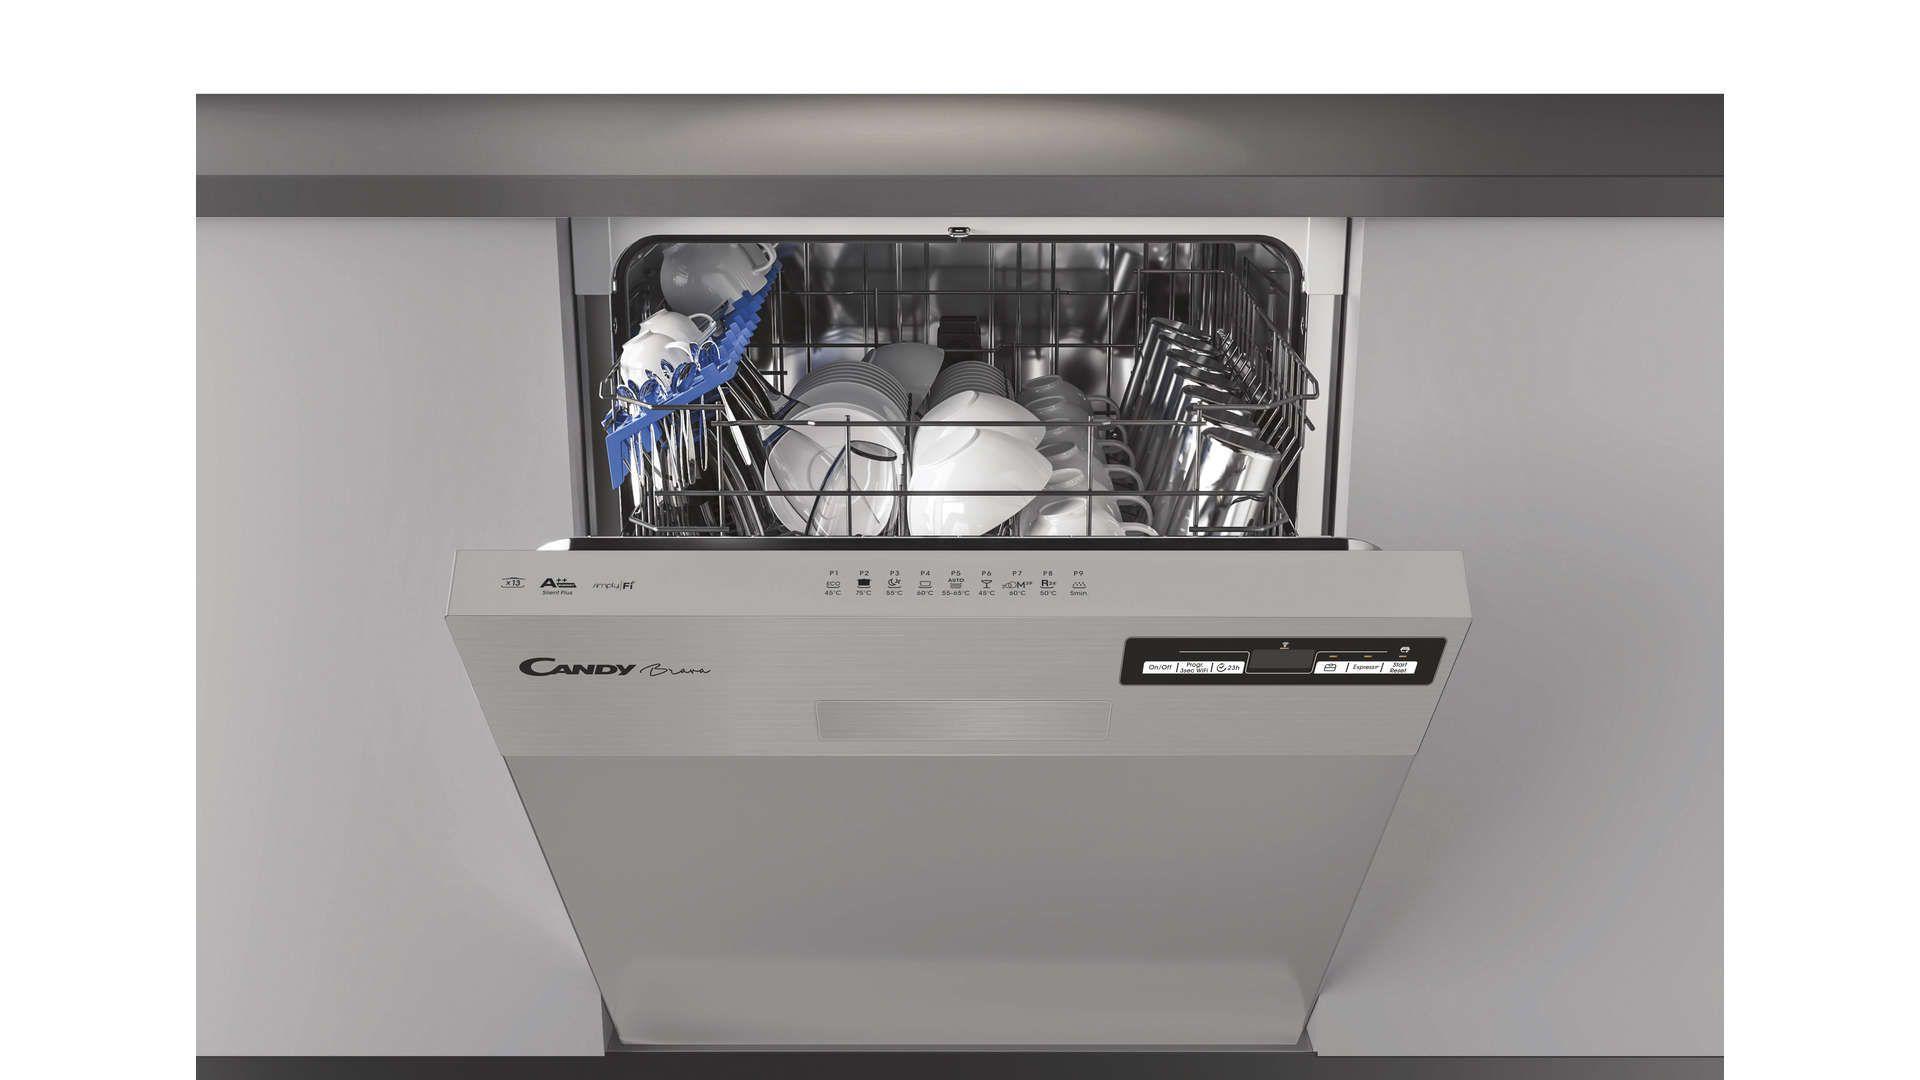 Lave Vaisselle 60 Cm Integrable Candy Cdsn2d360px En 2020 Lave Vaisselle Lave Vaisselle Encastrable Vaisselle